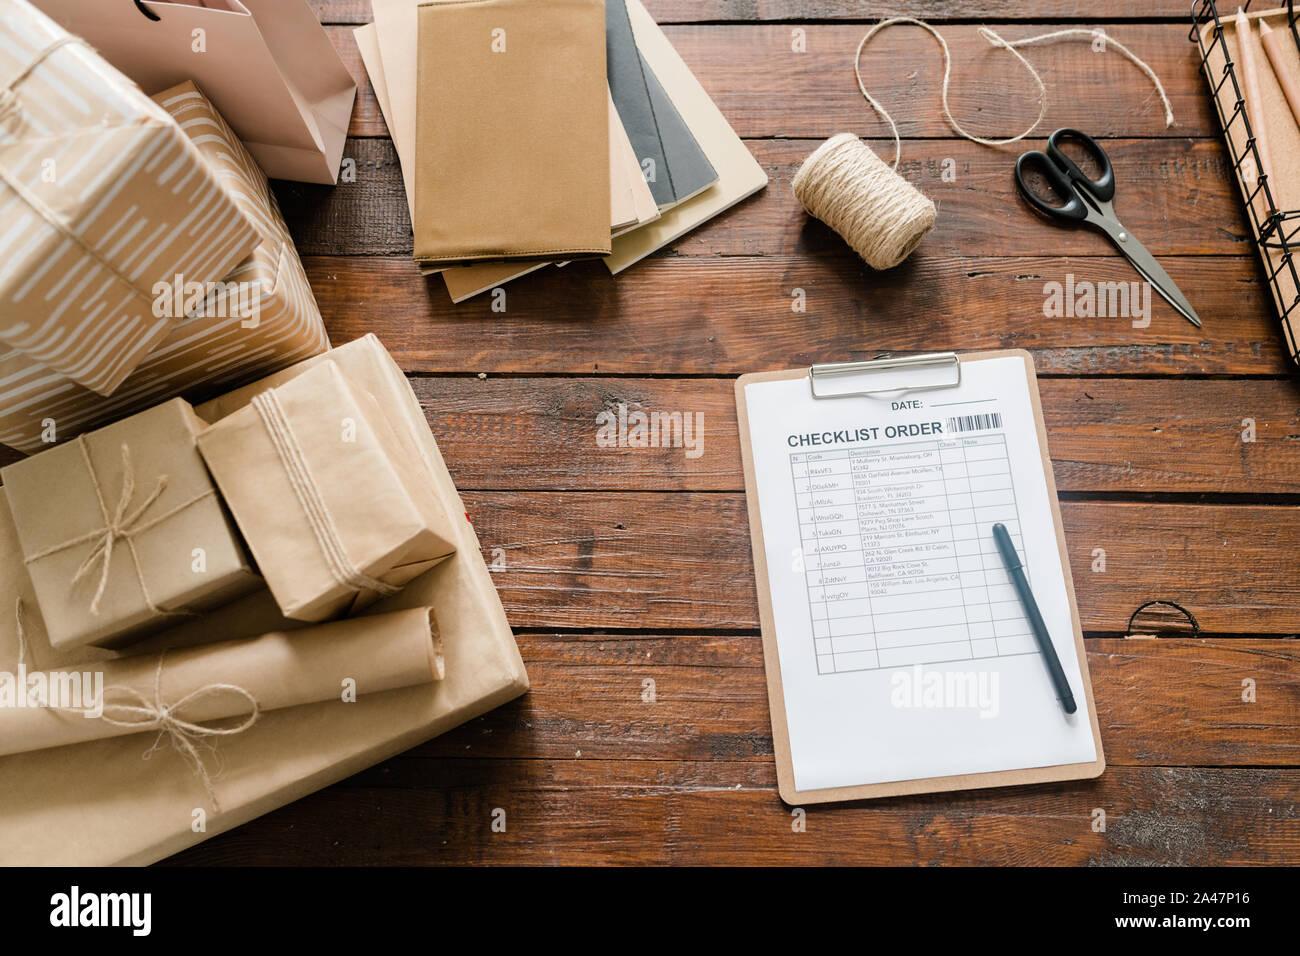 Checkliste Papier, Stift, verpackten Kartons, Gewinde, Schere und Stapel von Notizblöcke. Stockfoto